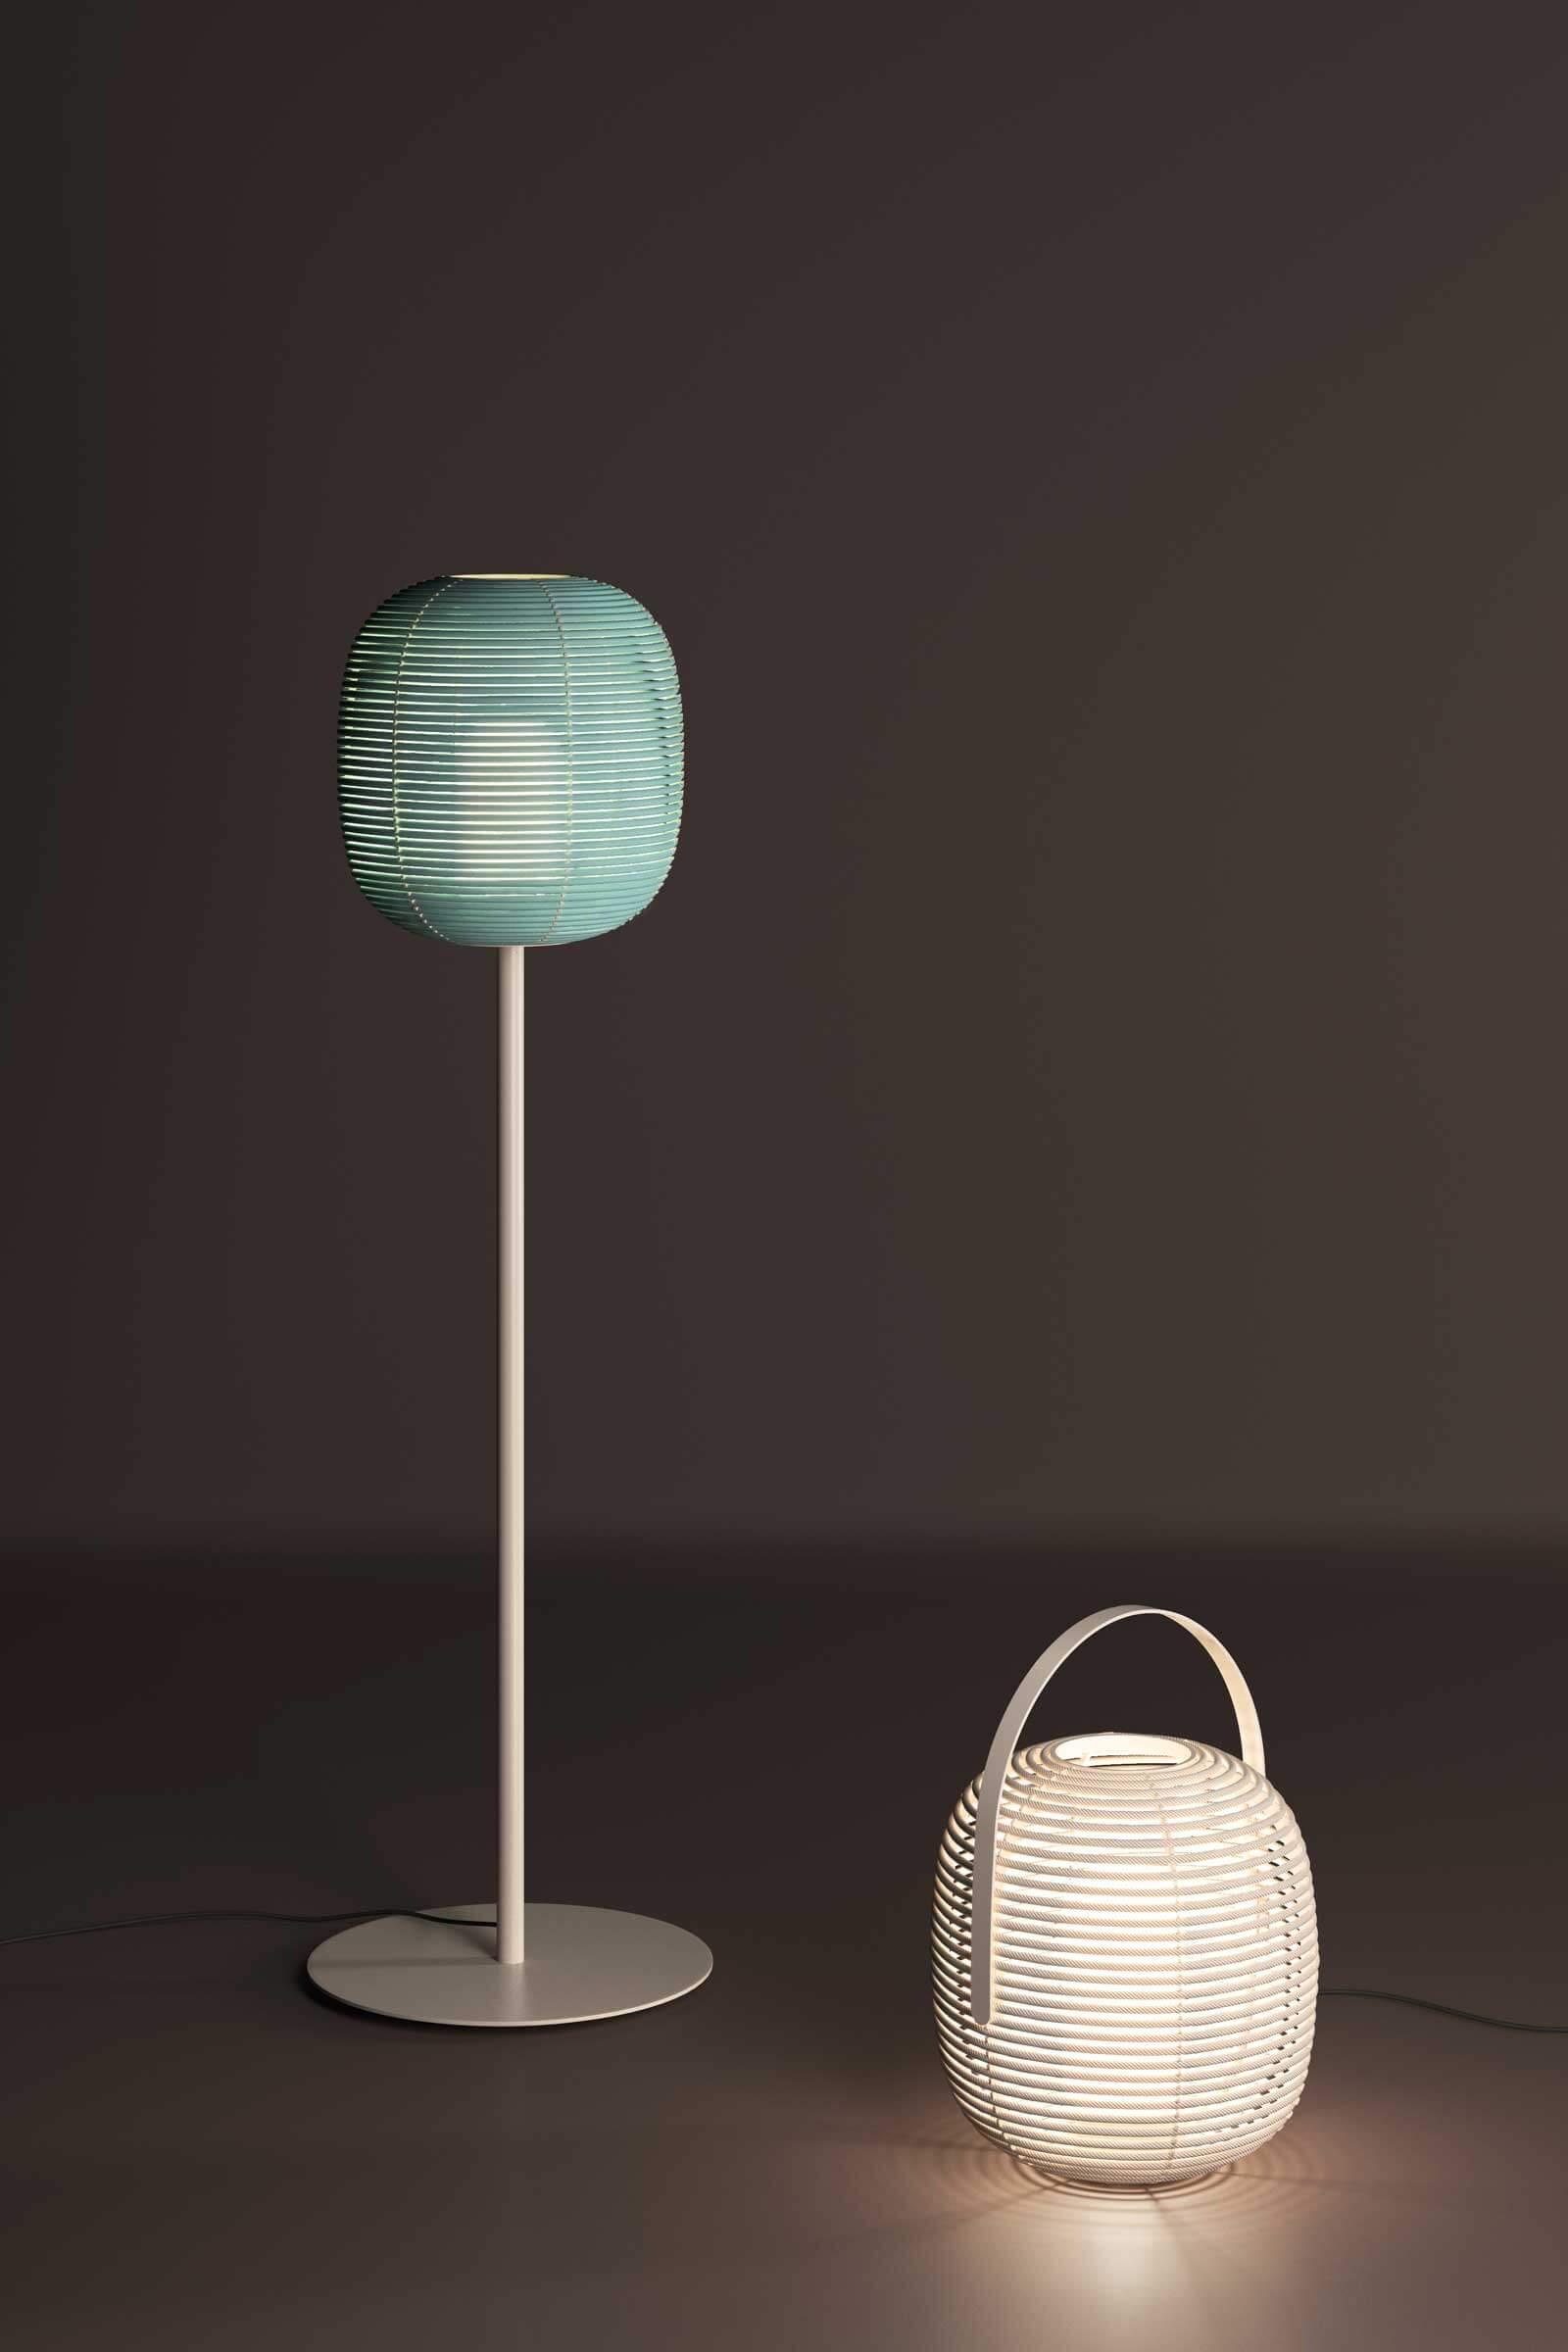 foto_slider_1594_0_Bela_lamp_collection_1.jpg